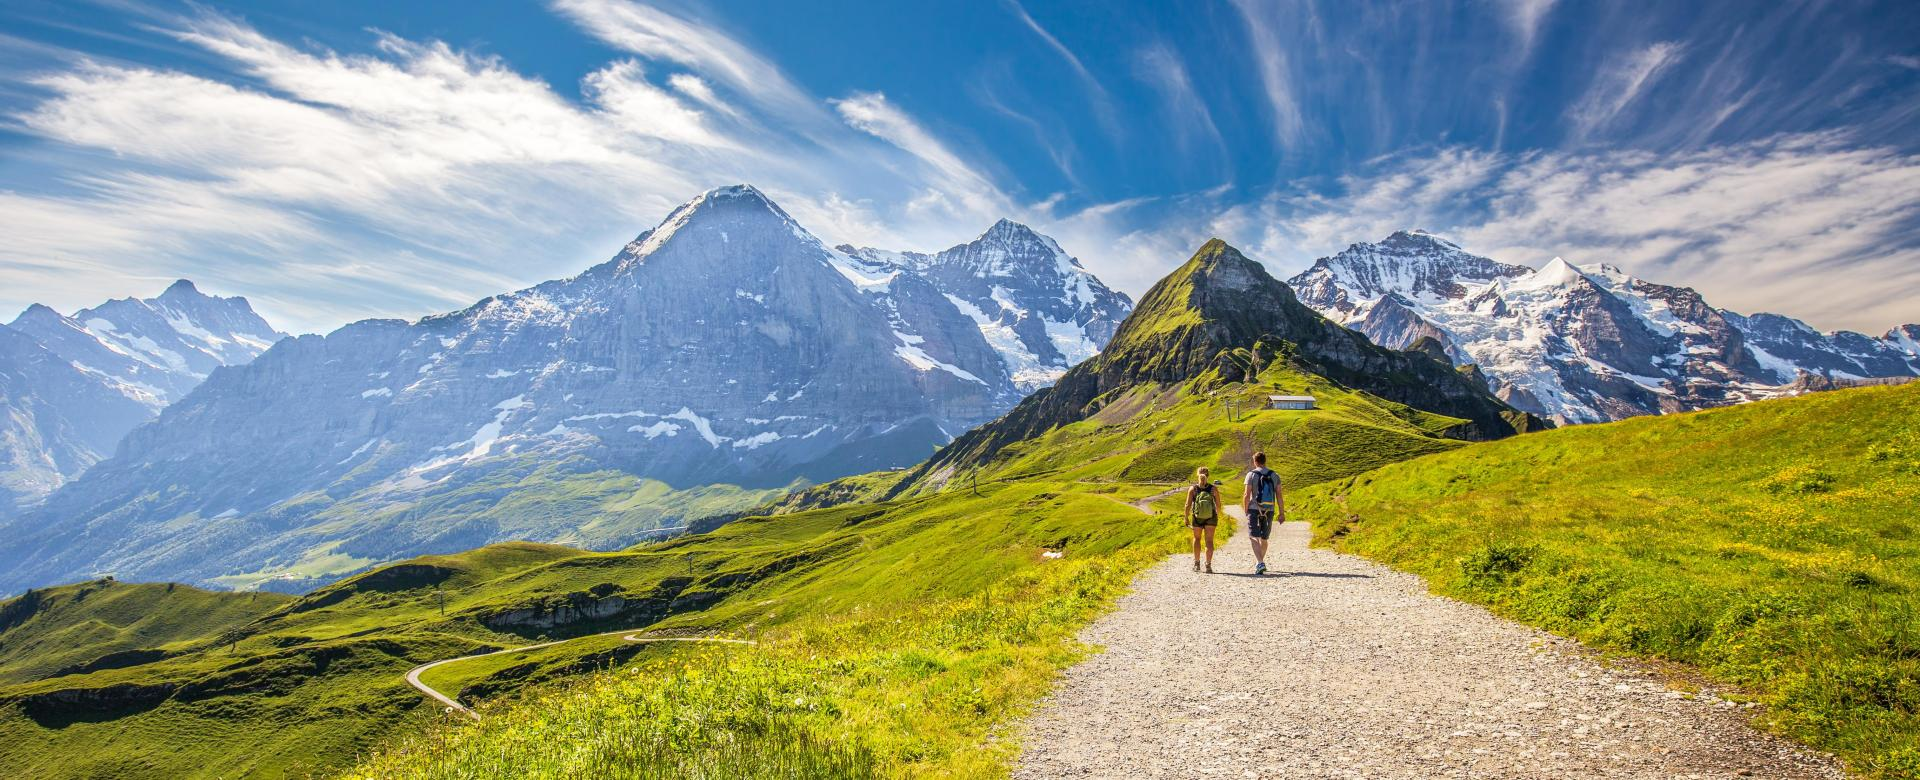 Voyage à pied : La traversée de l'oberland